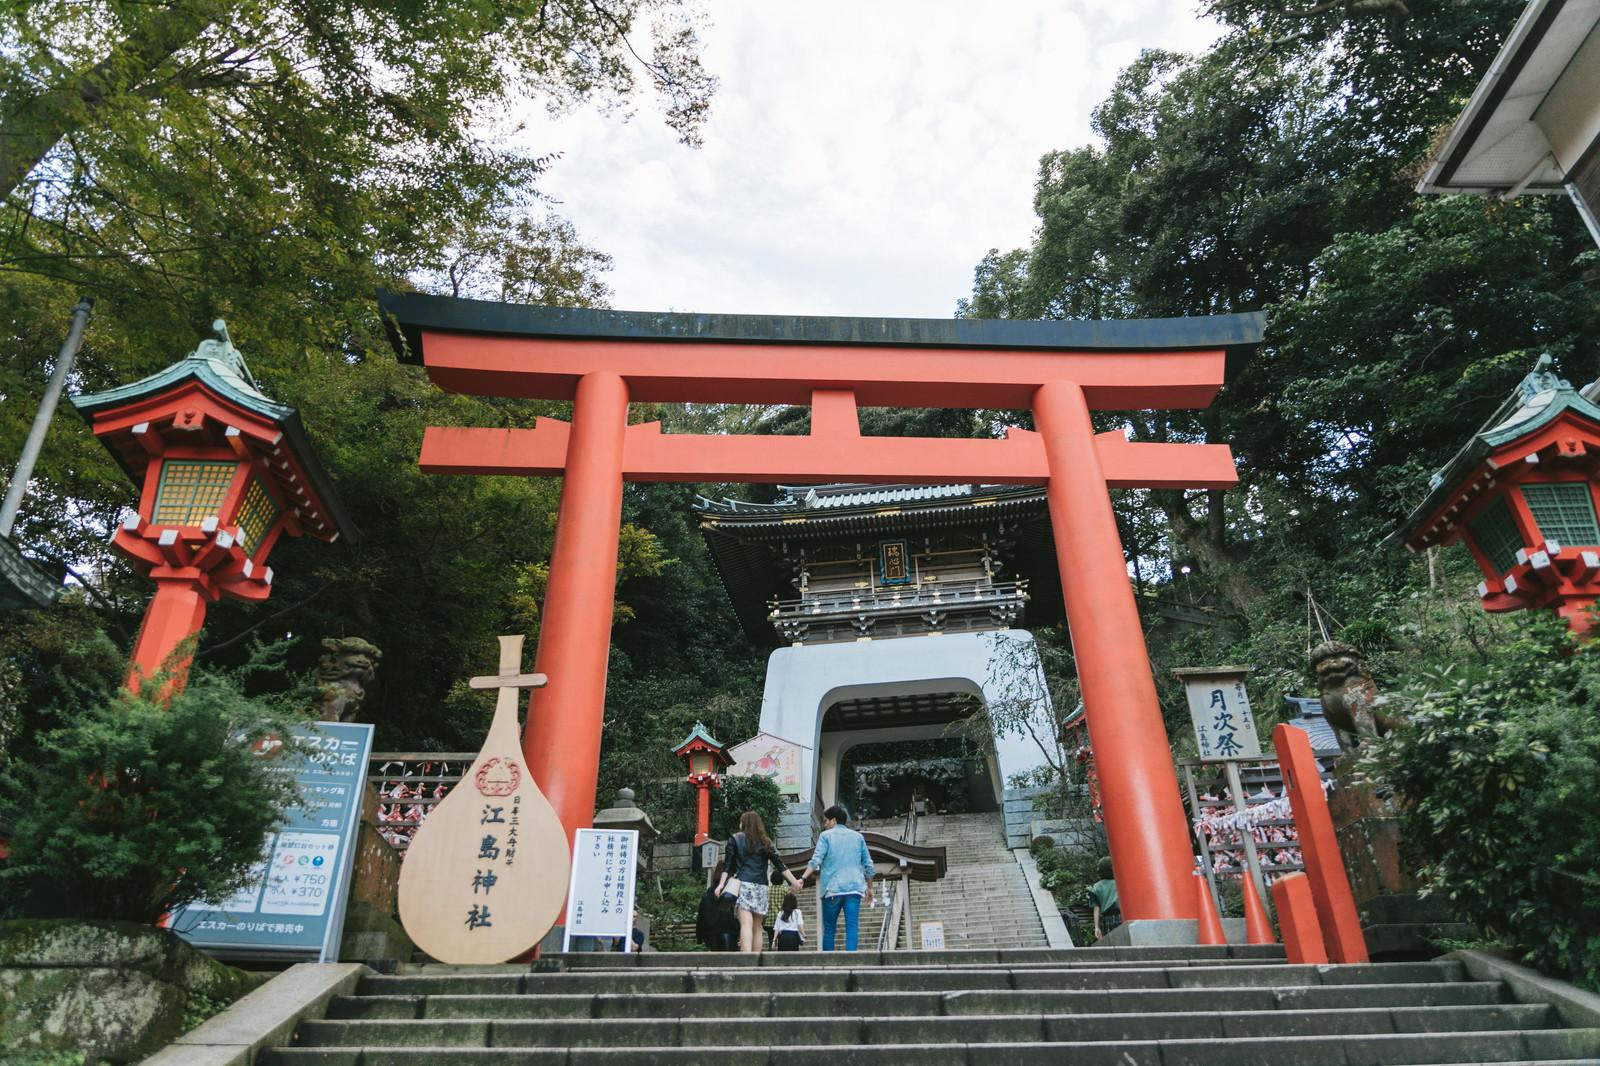 「江島神社の鳥居江島神社の鳥居」のフリー写真素材を拡大